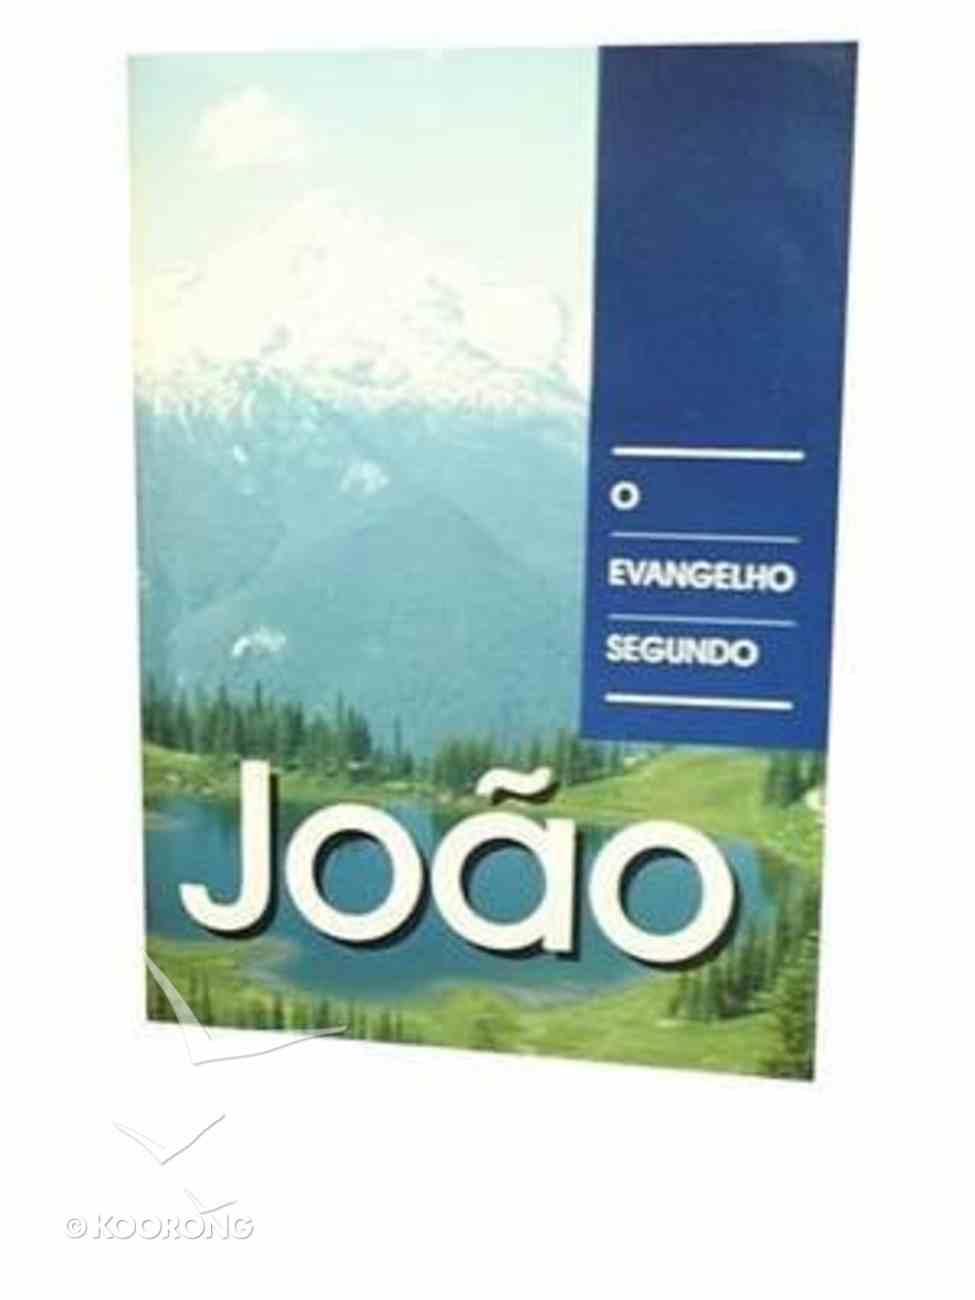 Portuguese Gospel of John Brazilian Pictoral Paperback